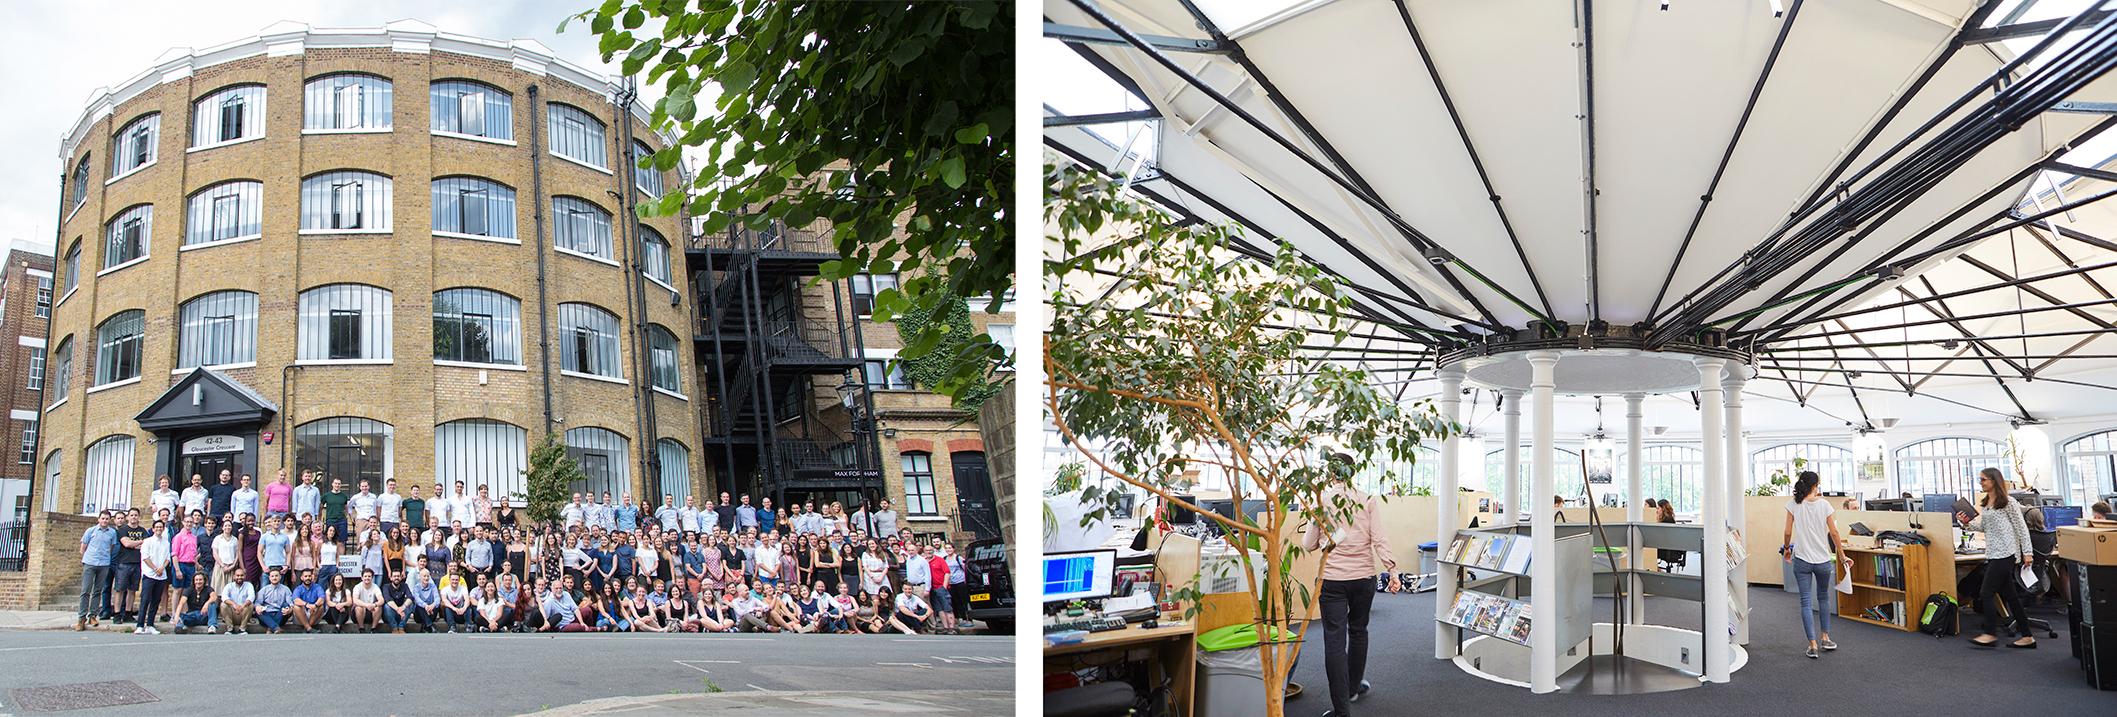 The Rotunda - our London office